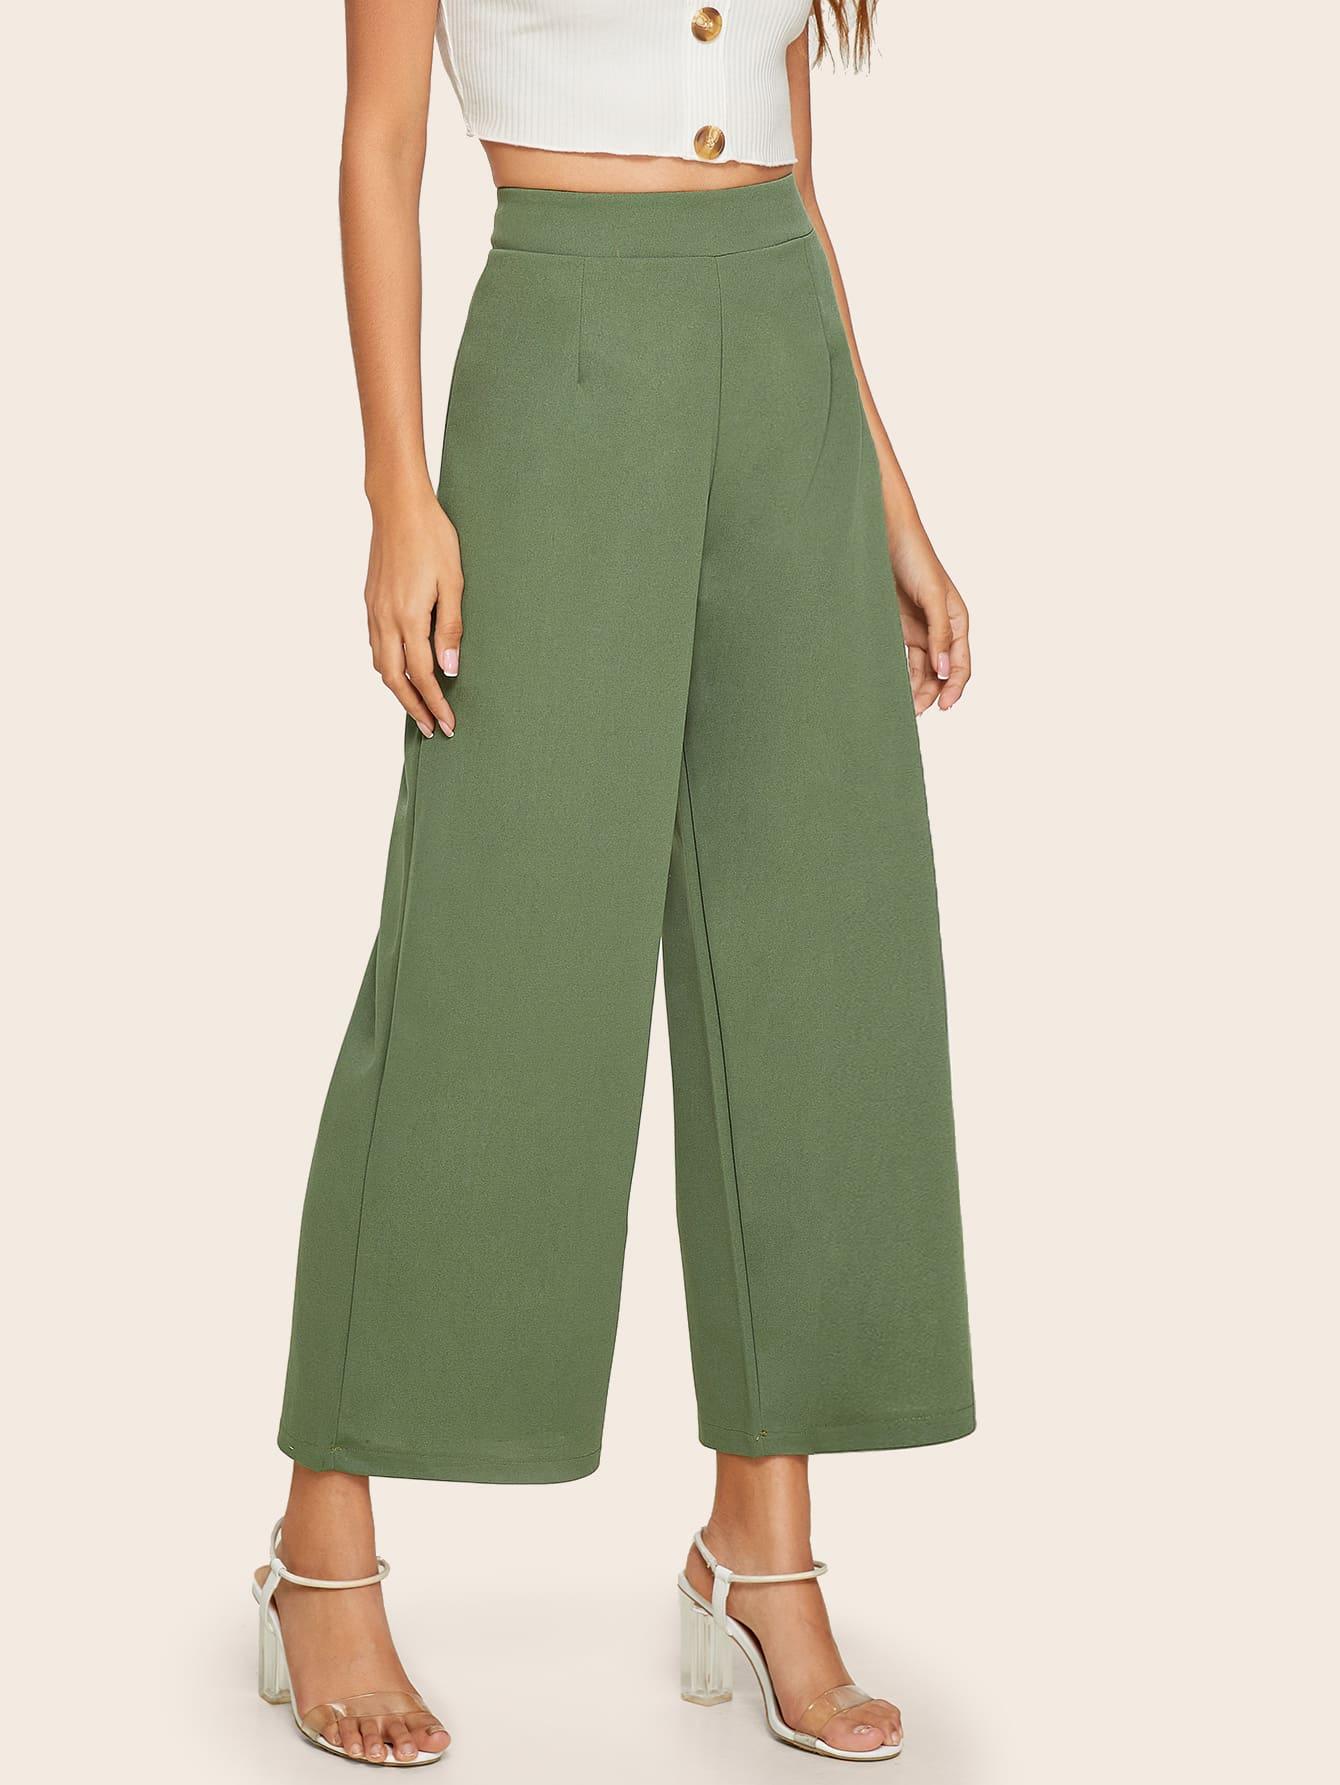 Фото - Широкие брюки с молнией сзади от SheIn цвет цветахаки